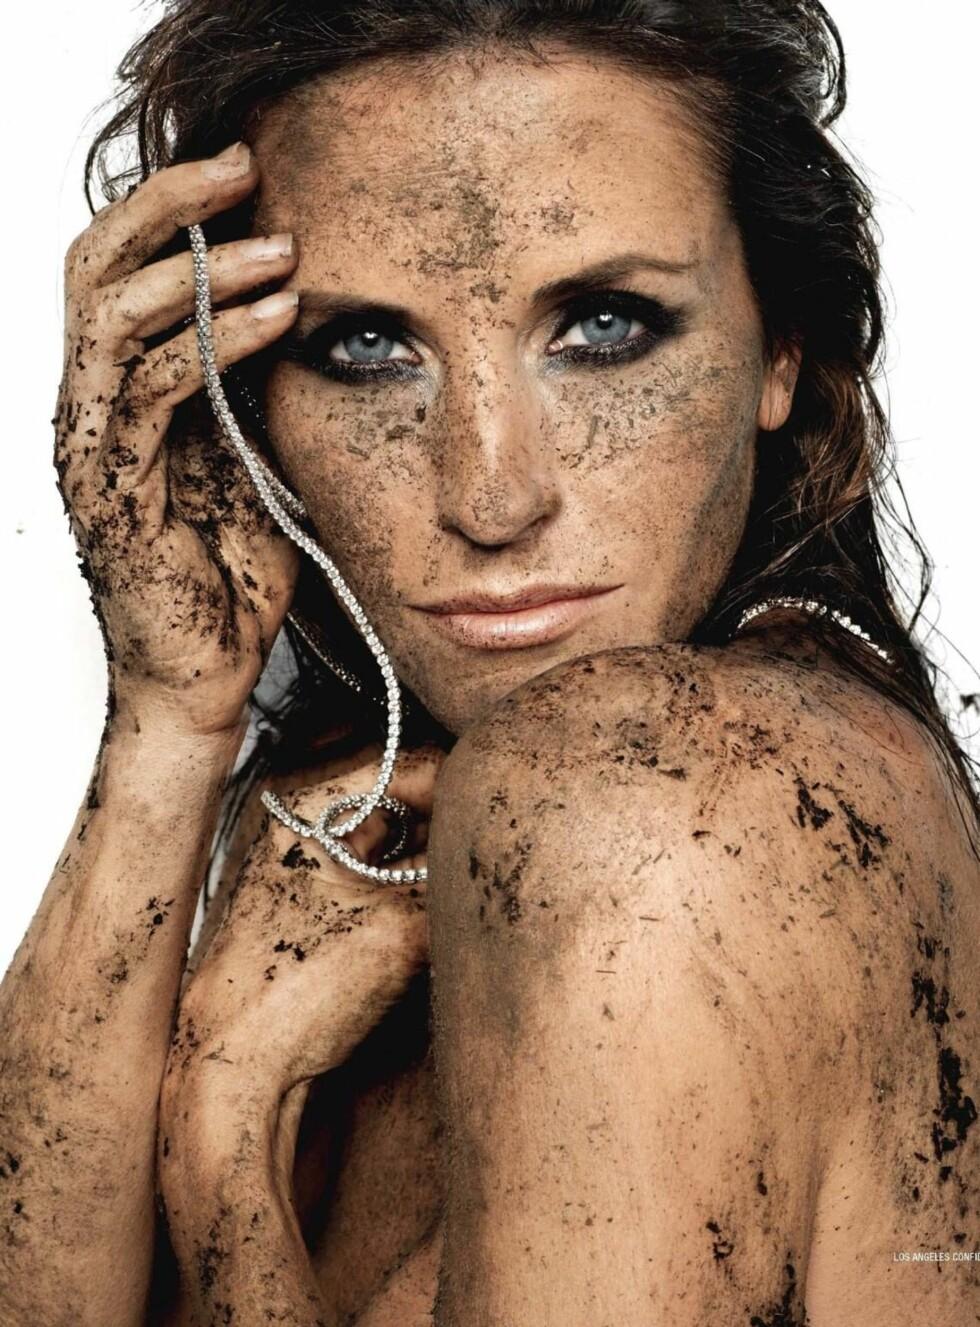 AVKLEDD: Courteney er ikke naken - hun har på seg jord! Foto: WENN